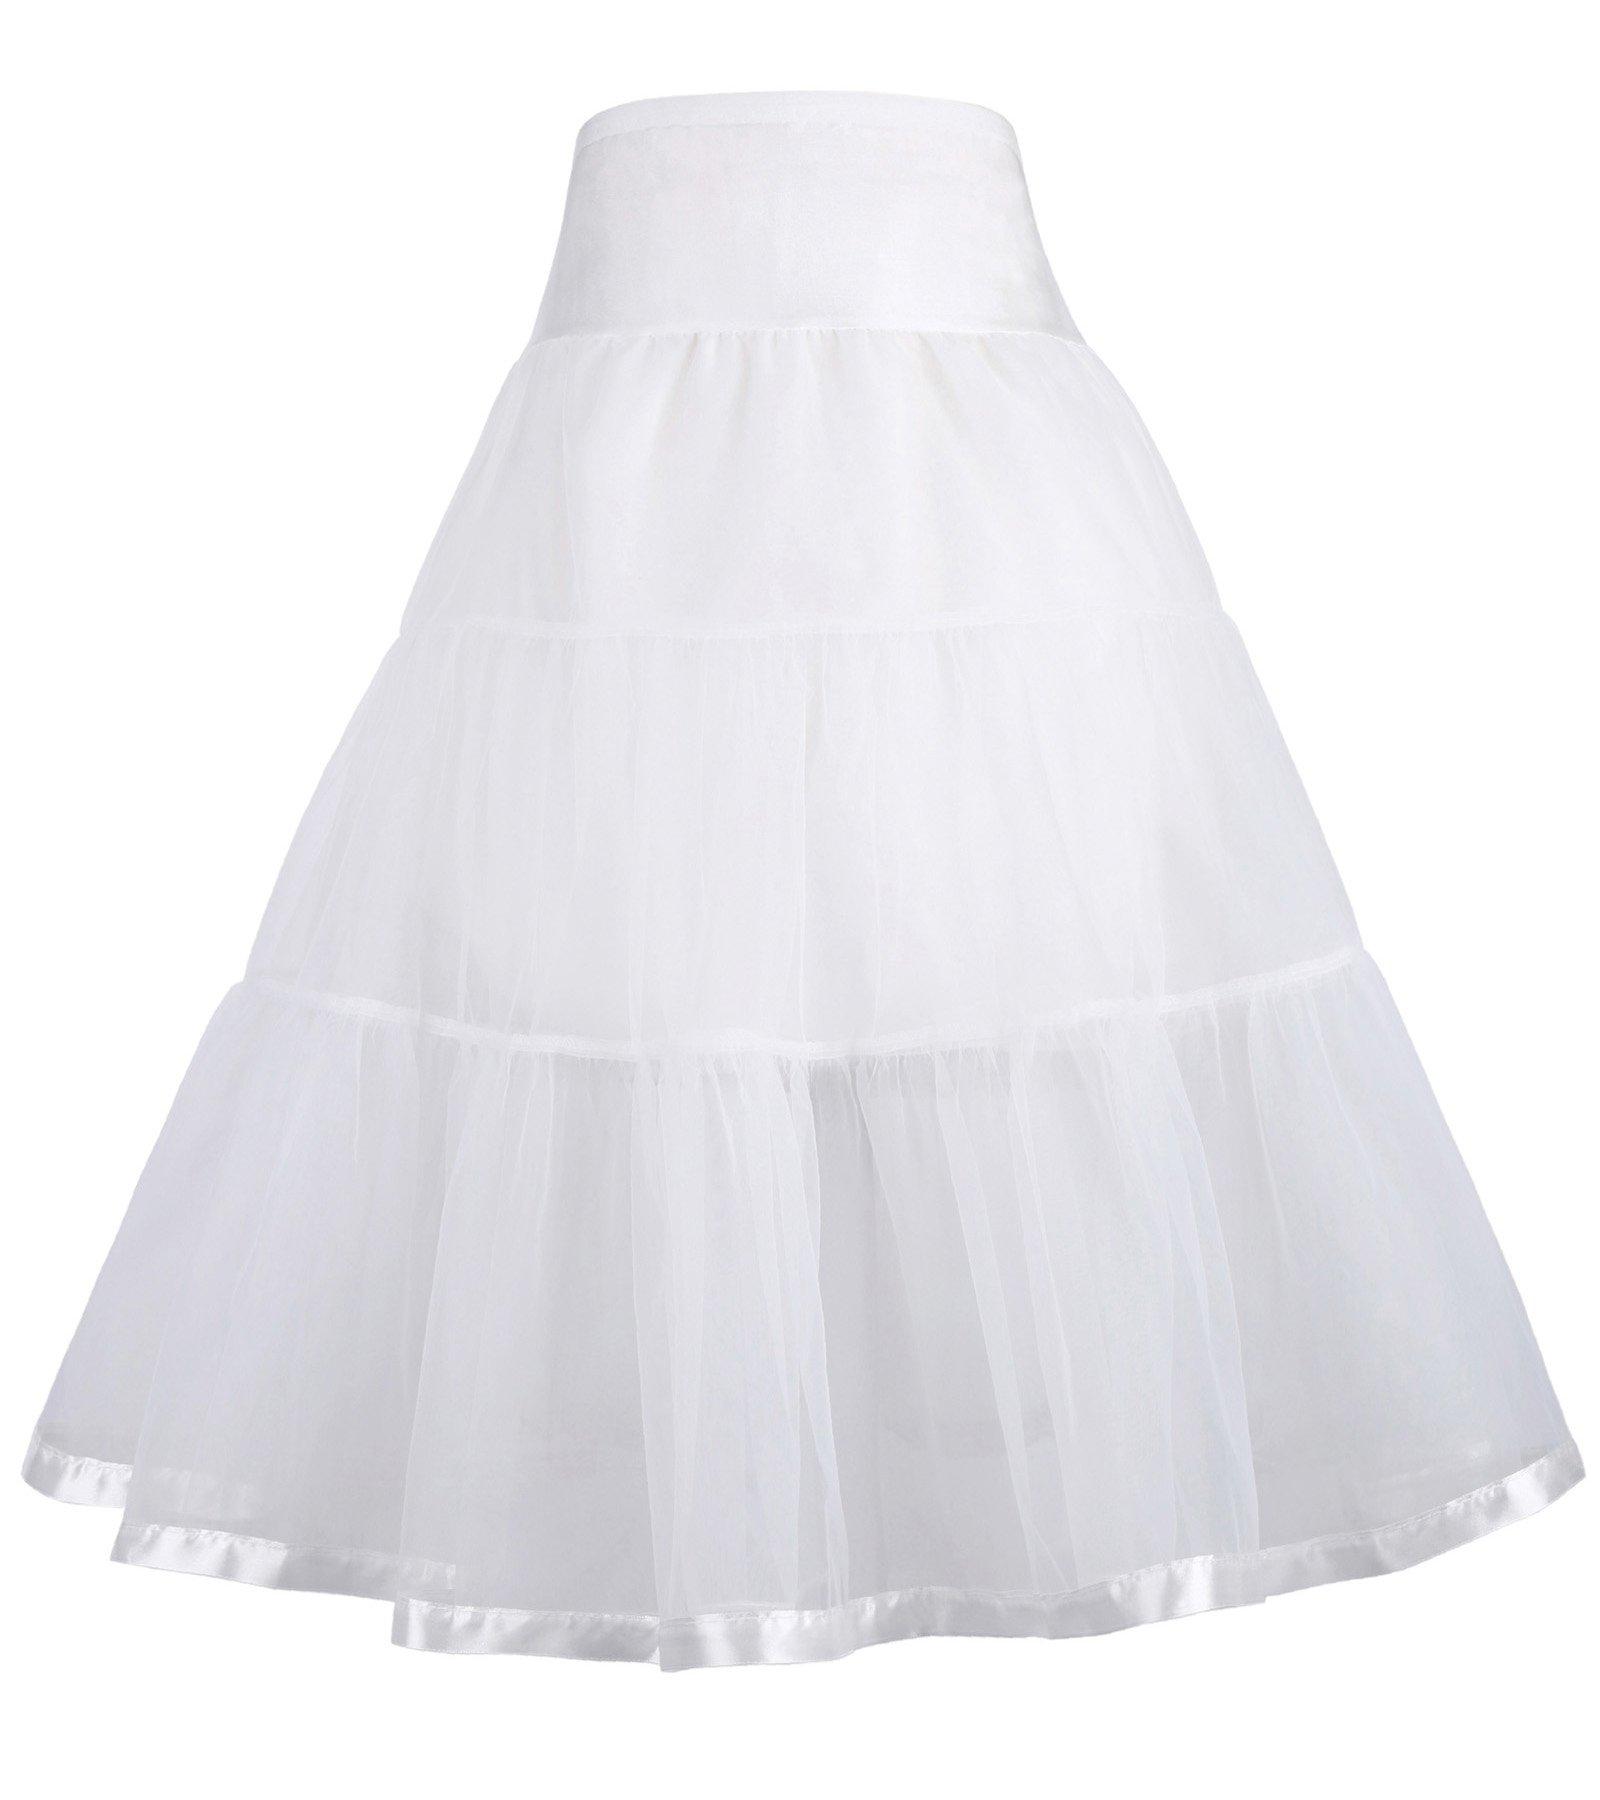 GRACE KARIN Girls Voile Layered Tutu Ruffle Skirt for Dance 7-9 yrs 480-2